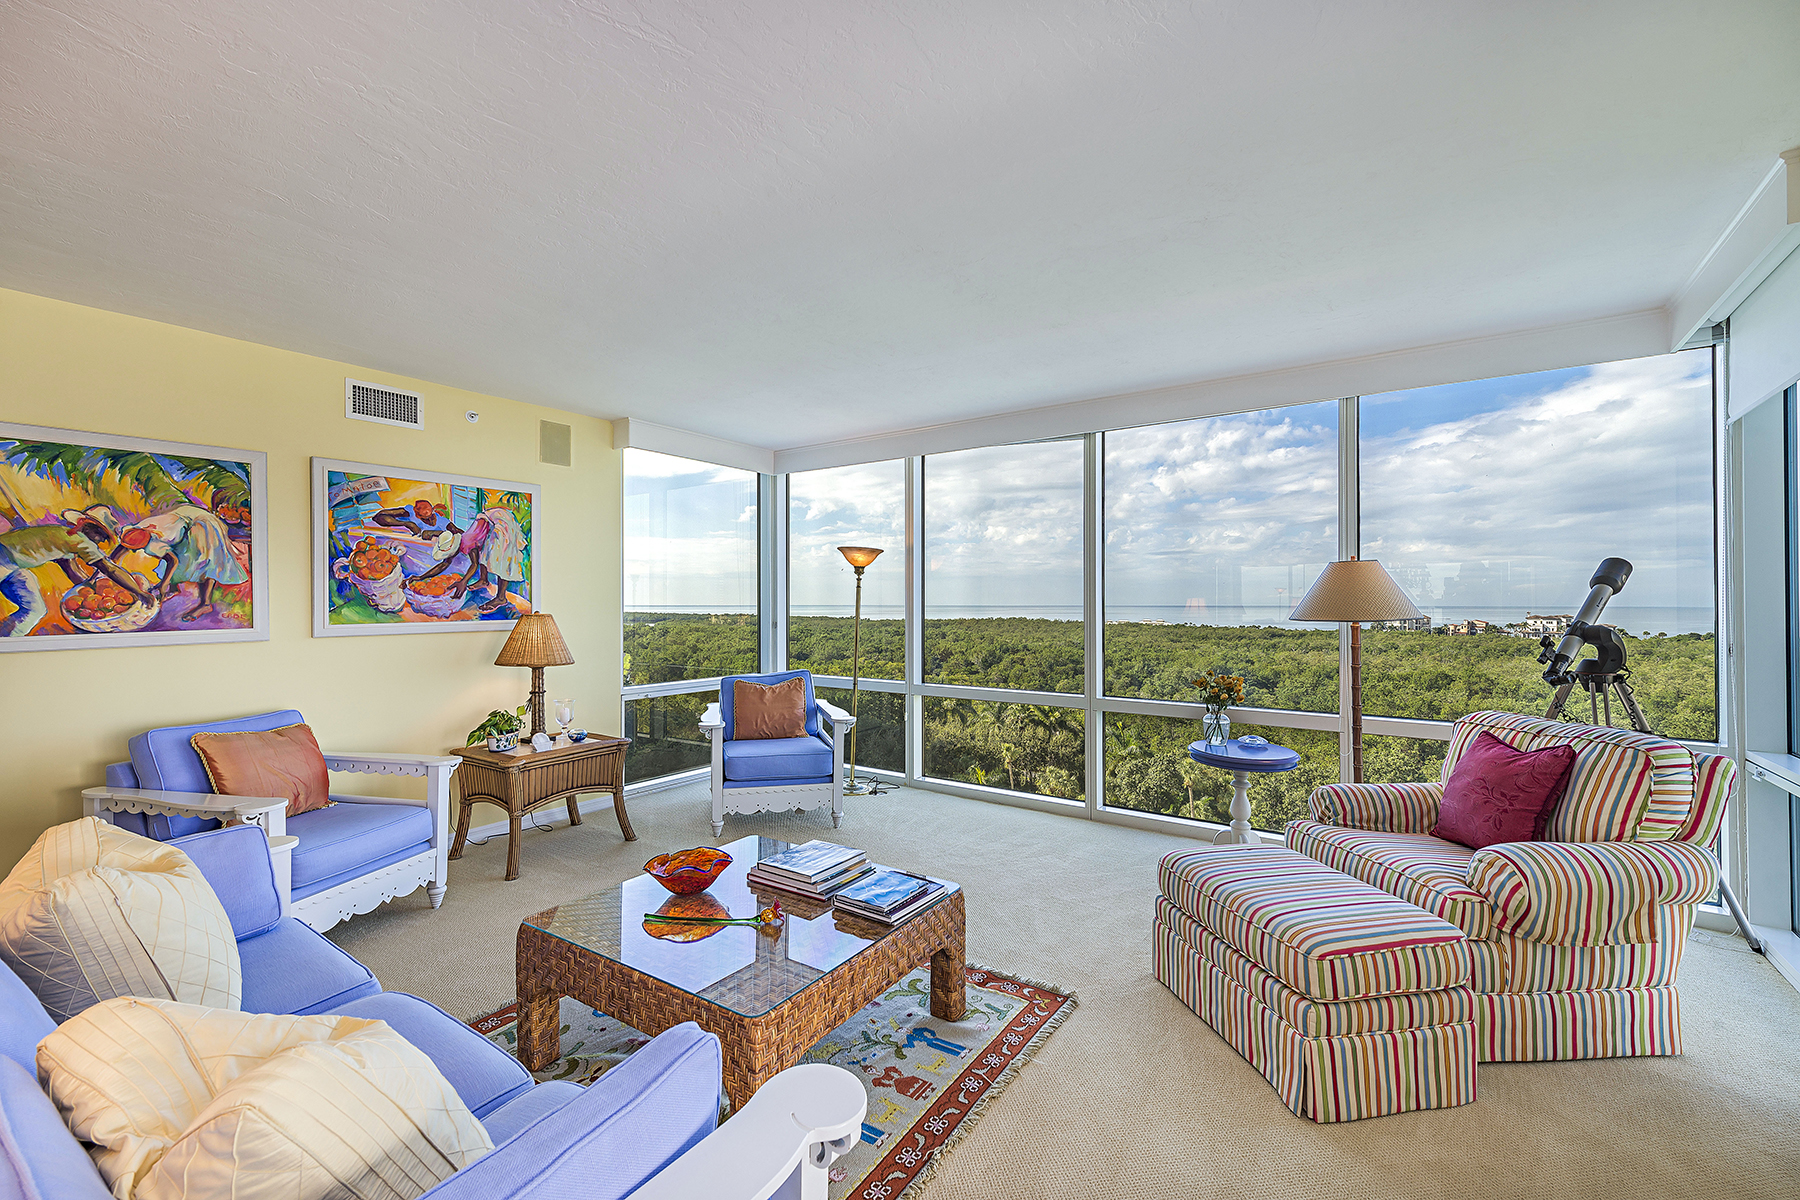 Condominium for Sale at PELICAN BAY - CLARIDGE 7515 Pelican Bay Blvd 9D Naples, Florida 34108 United States